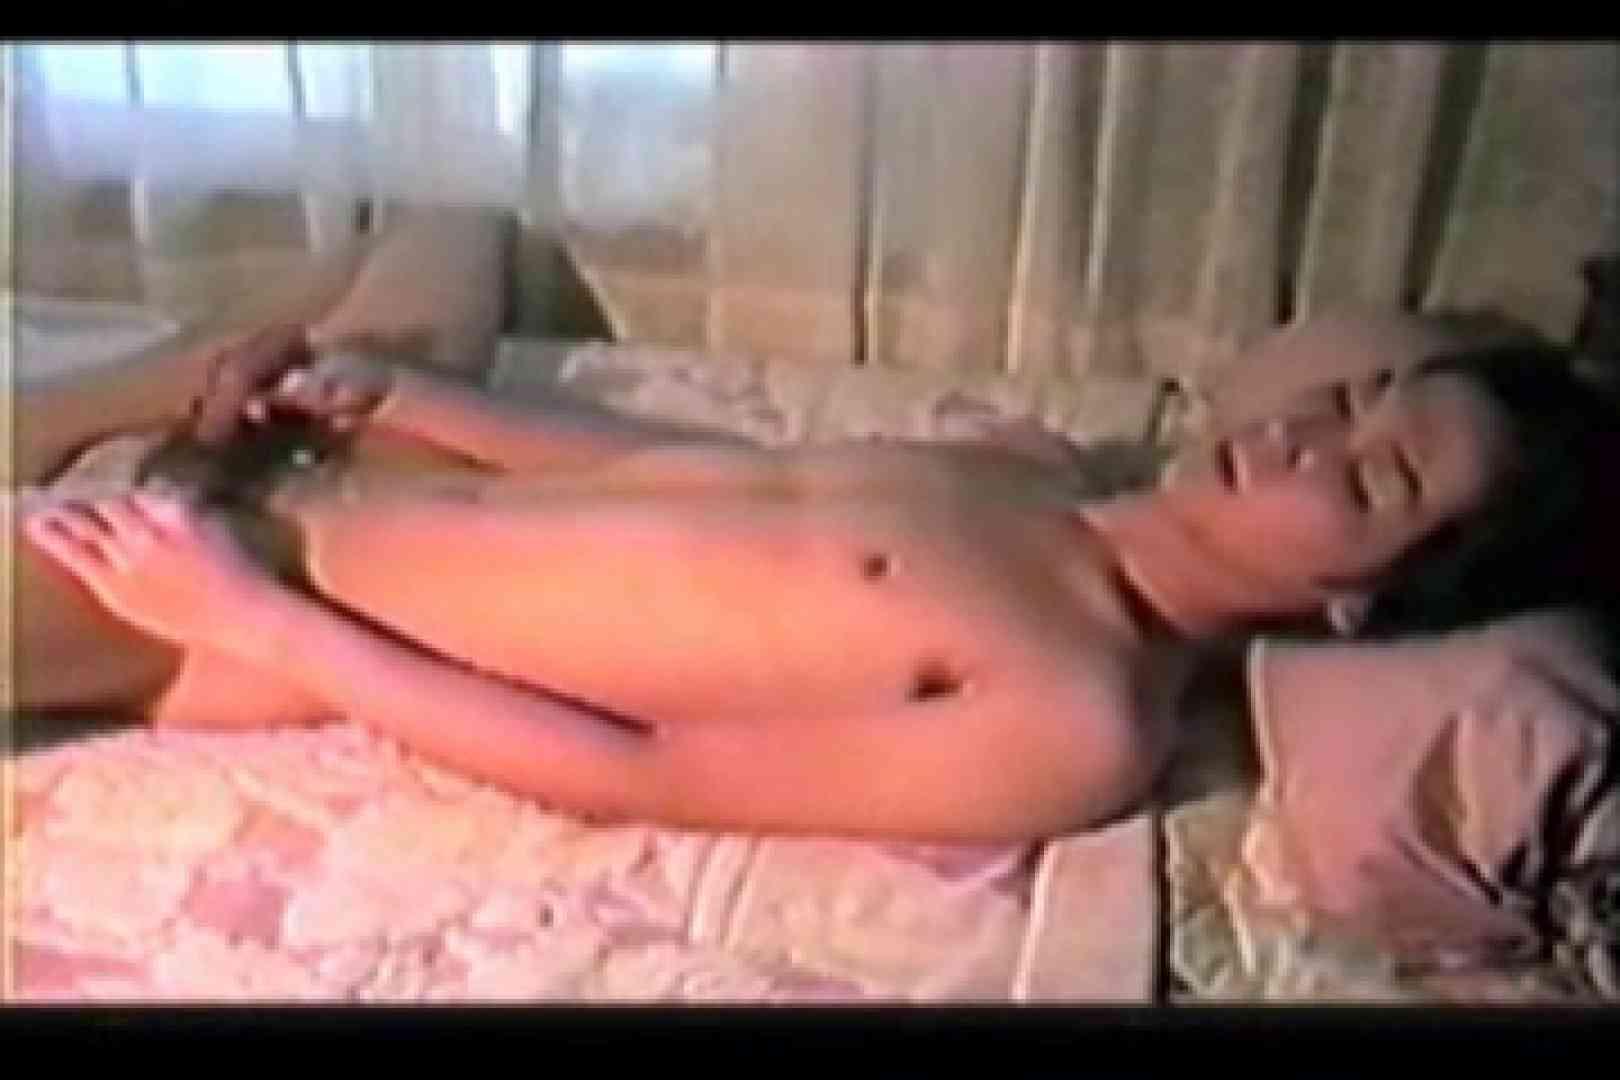 【流出】あの頃アイツ!!生意気だったけど好き物だった・・・ 男まつり ゲイセックス画像 109枚 26